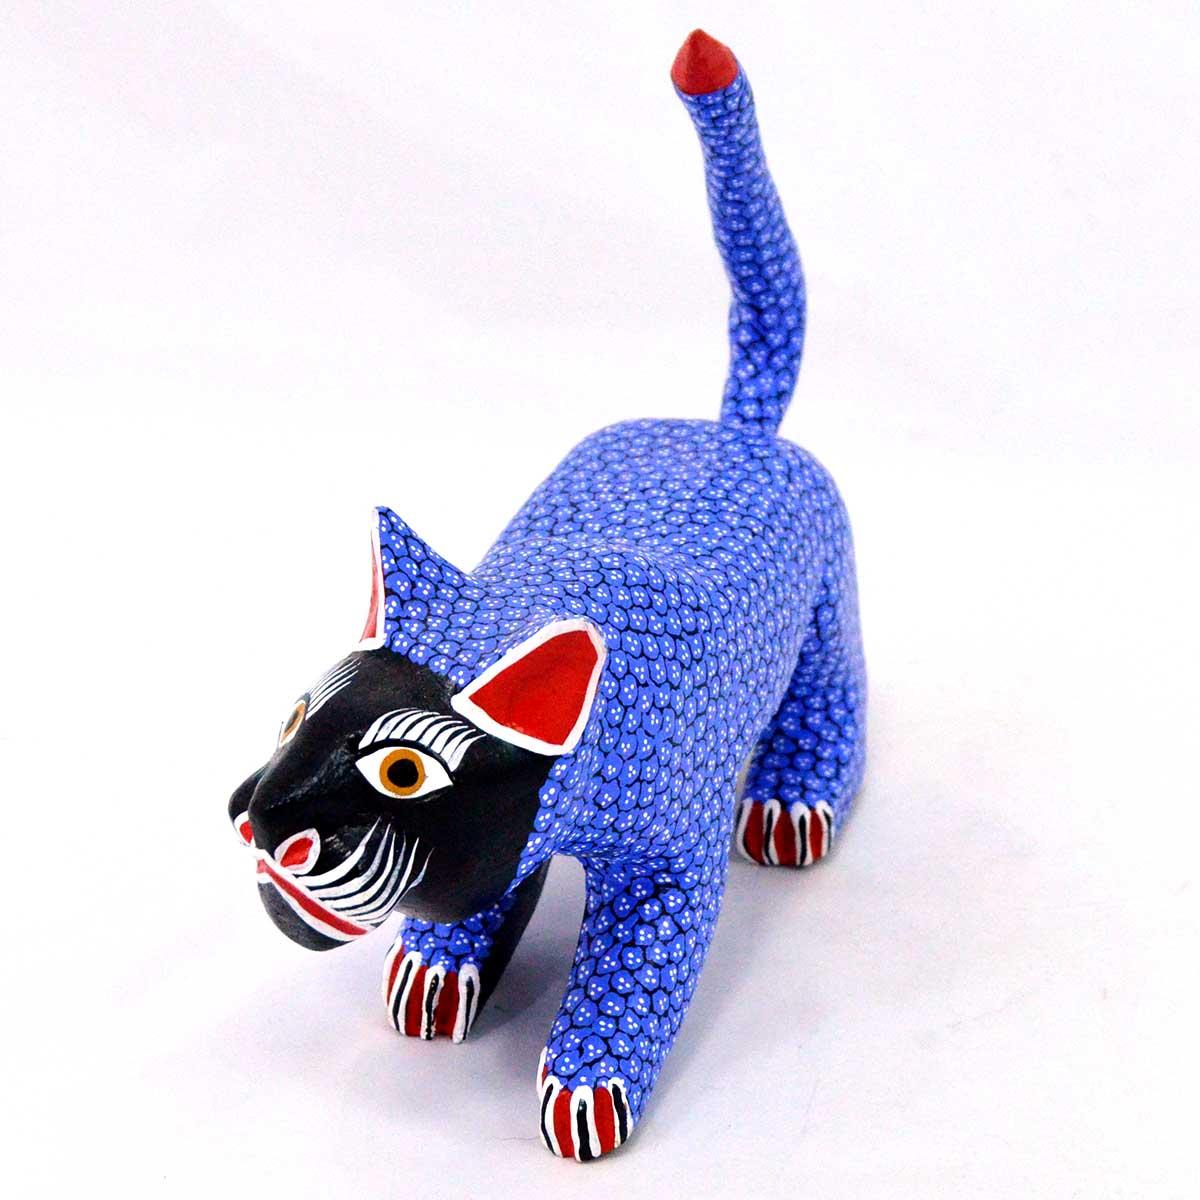 Margarito Melchor Fuentes Blue Cat Culturalart Org